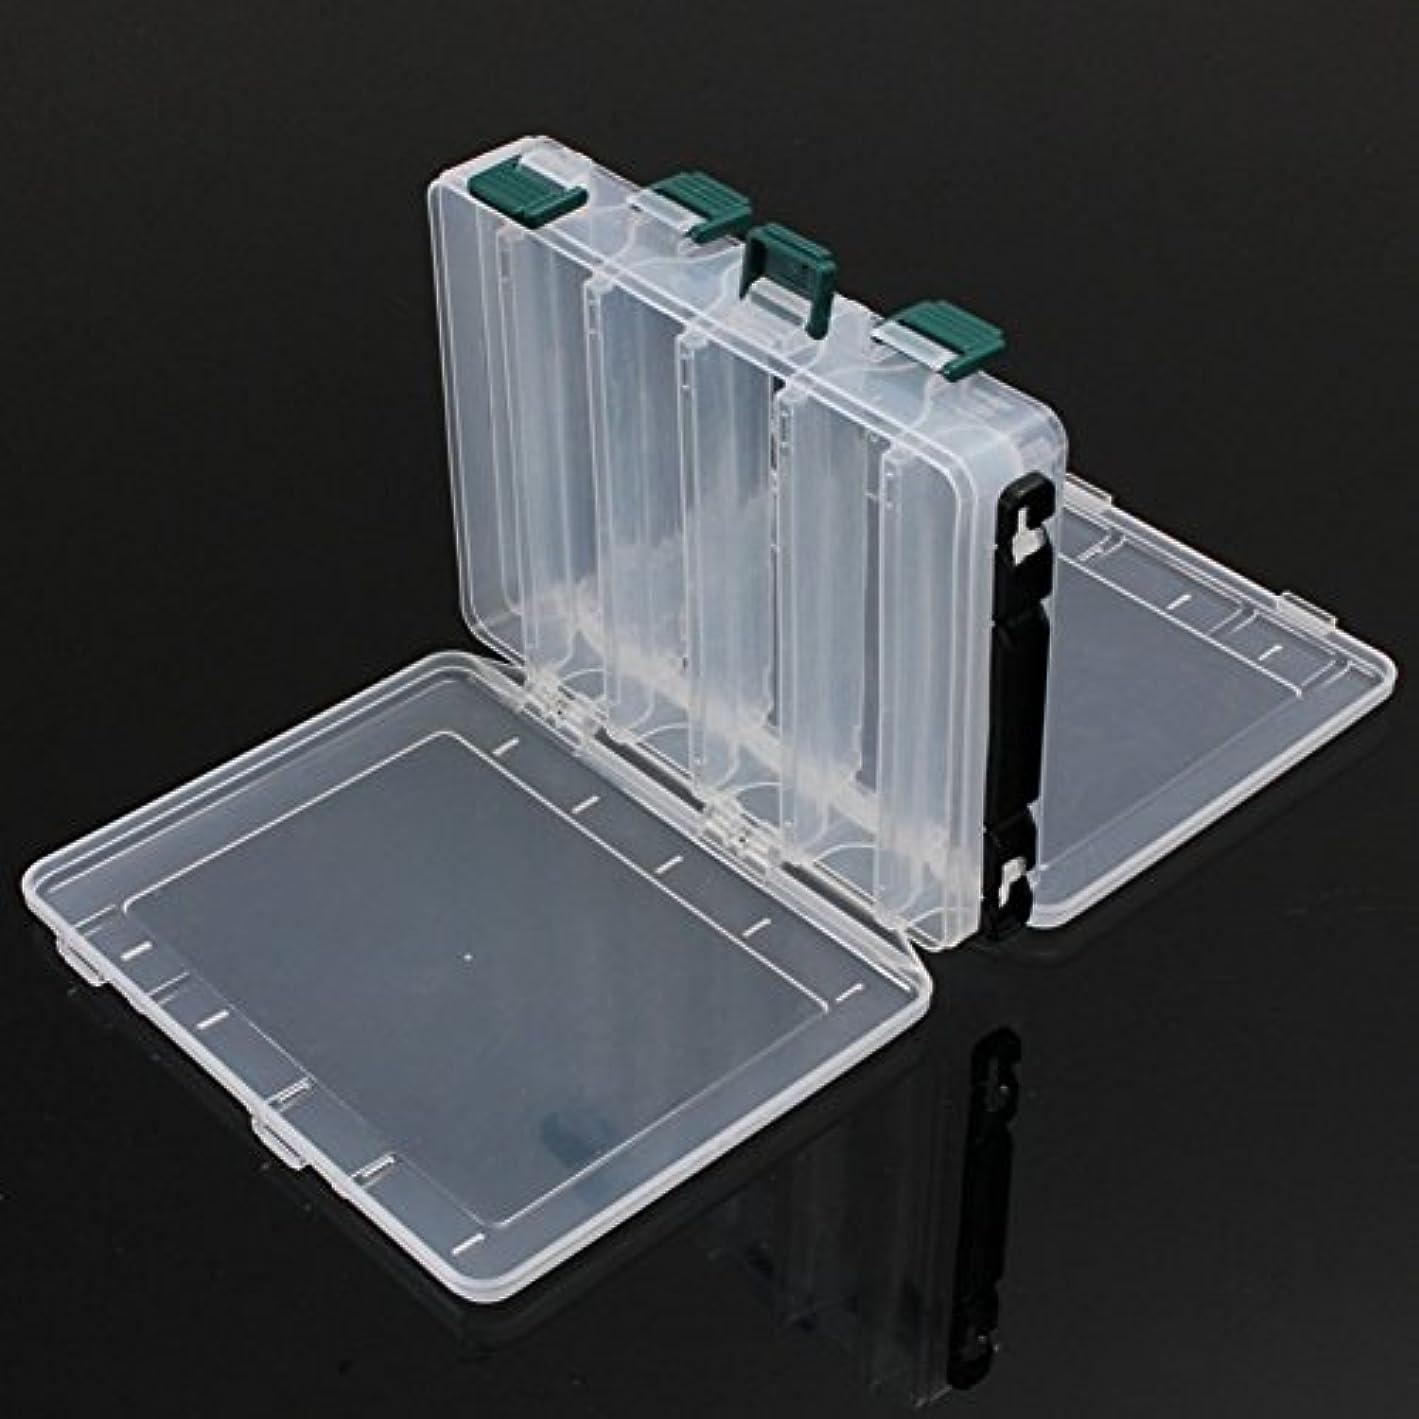 資金弾薬急勾配の(12-Compartment Double-sided) - RG 12/16 Compartments Double Sided Fishing Tackle Box Waterproof Visible Hard Plastic Clear Fishing Lure Bait Squid Jig Minnows Hooks Accessory Storage Case Container